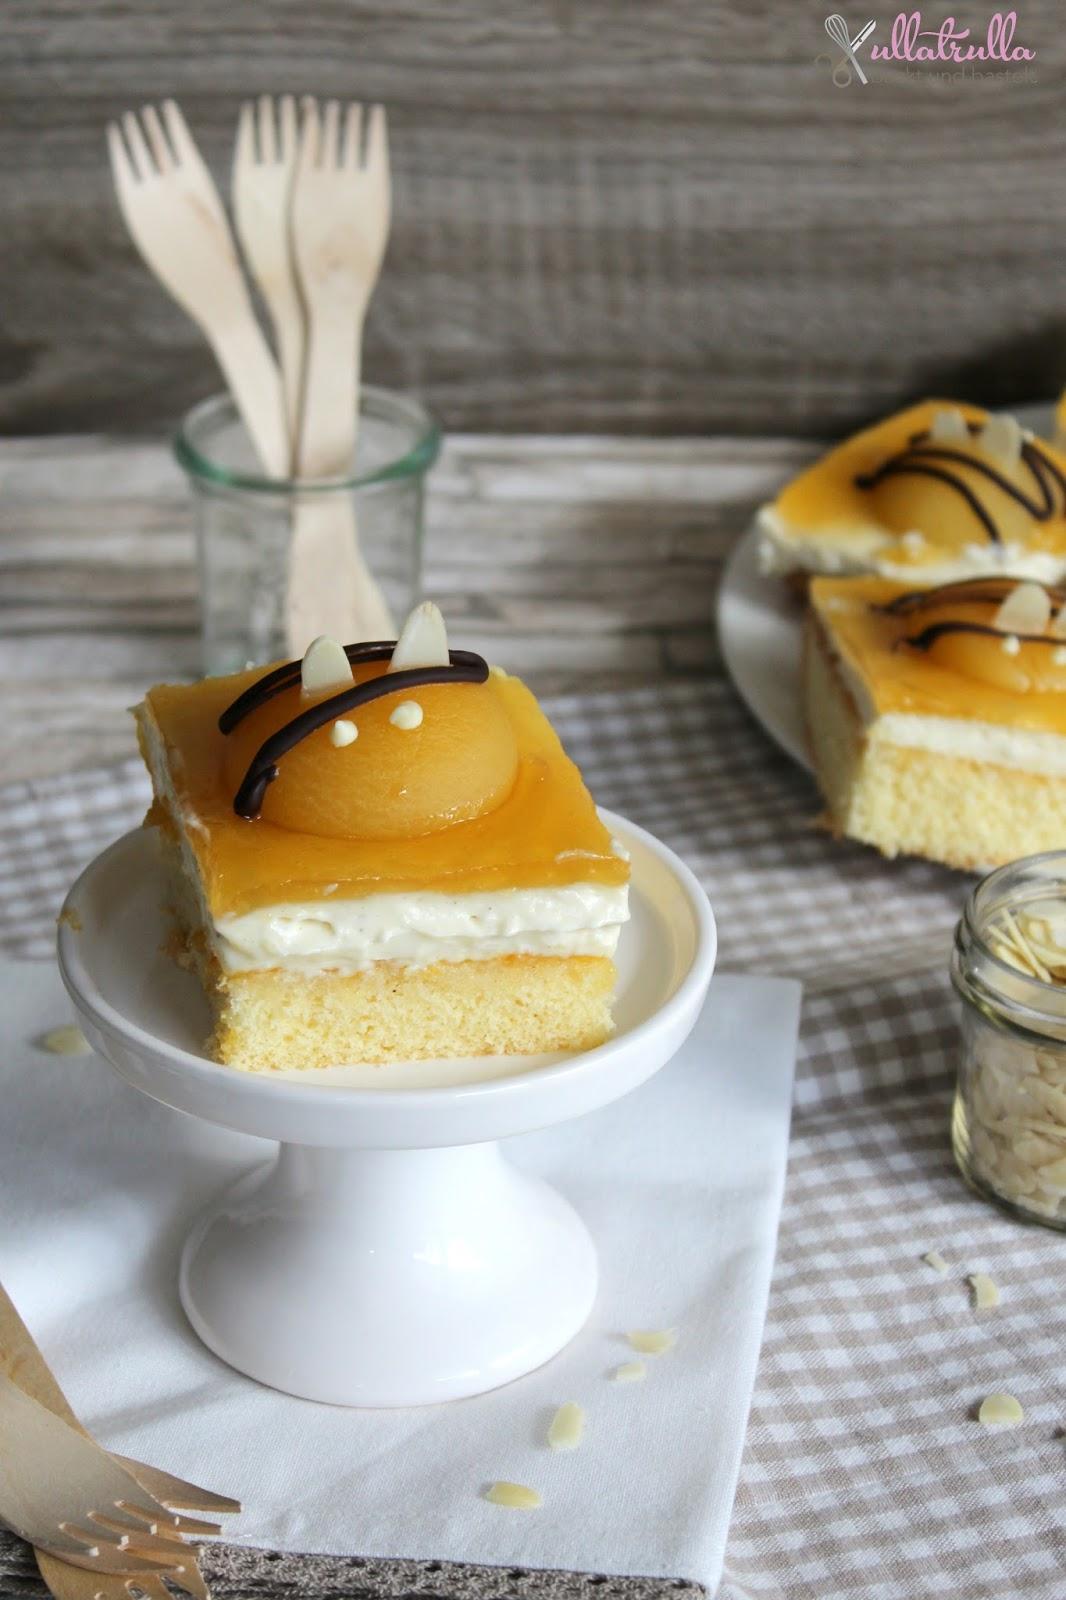 Ullatrulla Backt Und Bastelt Aprikosen Schmand Kuchen Im Bienchen Look